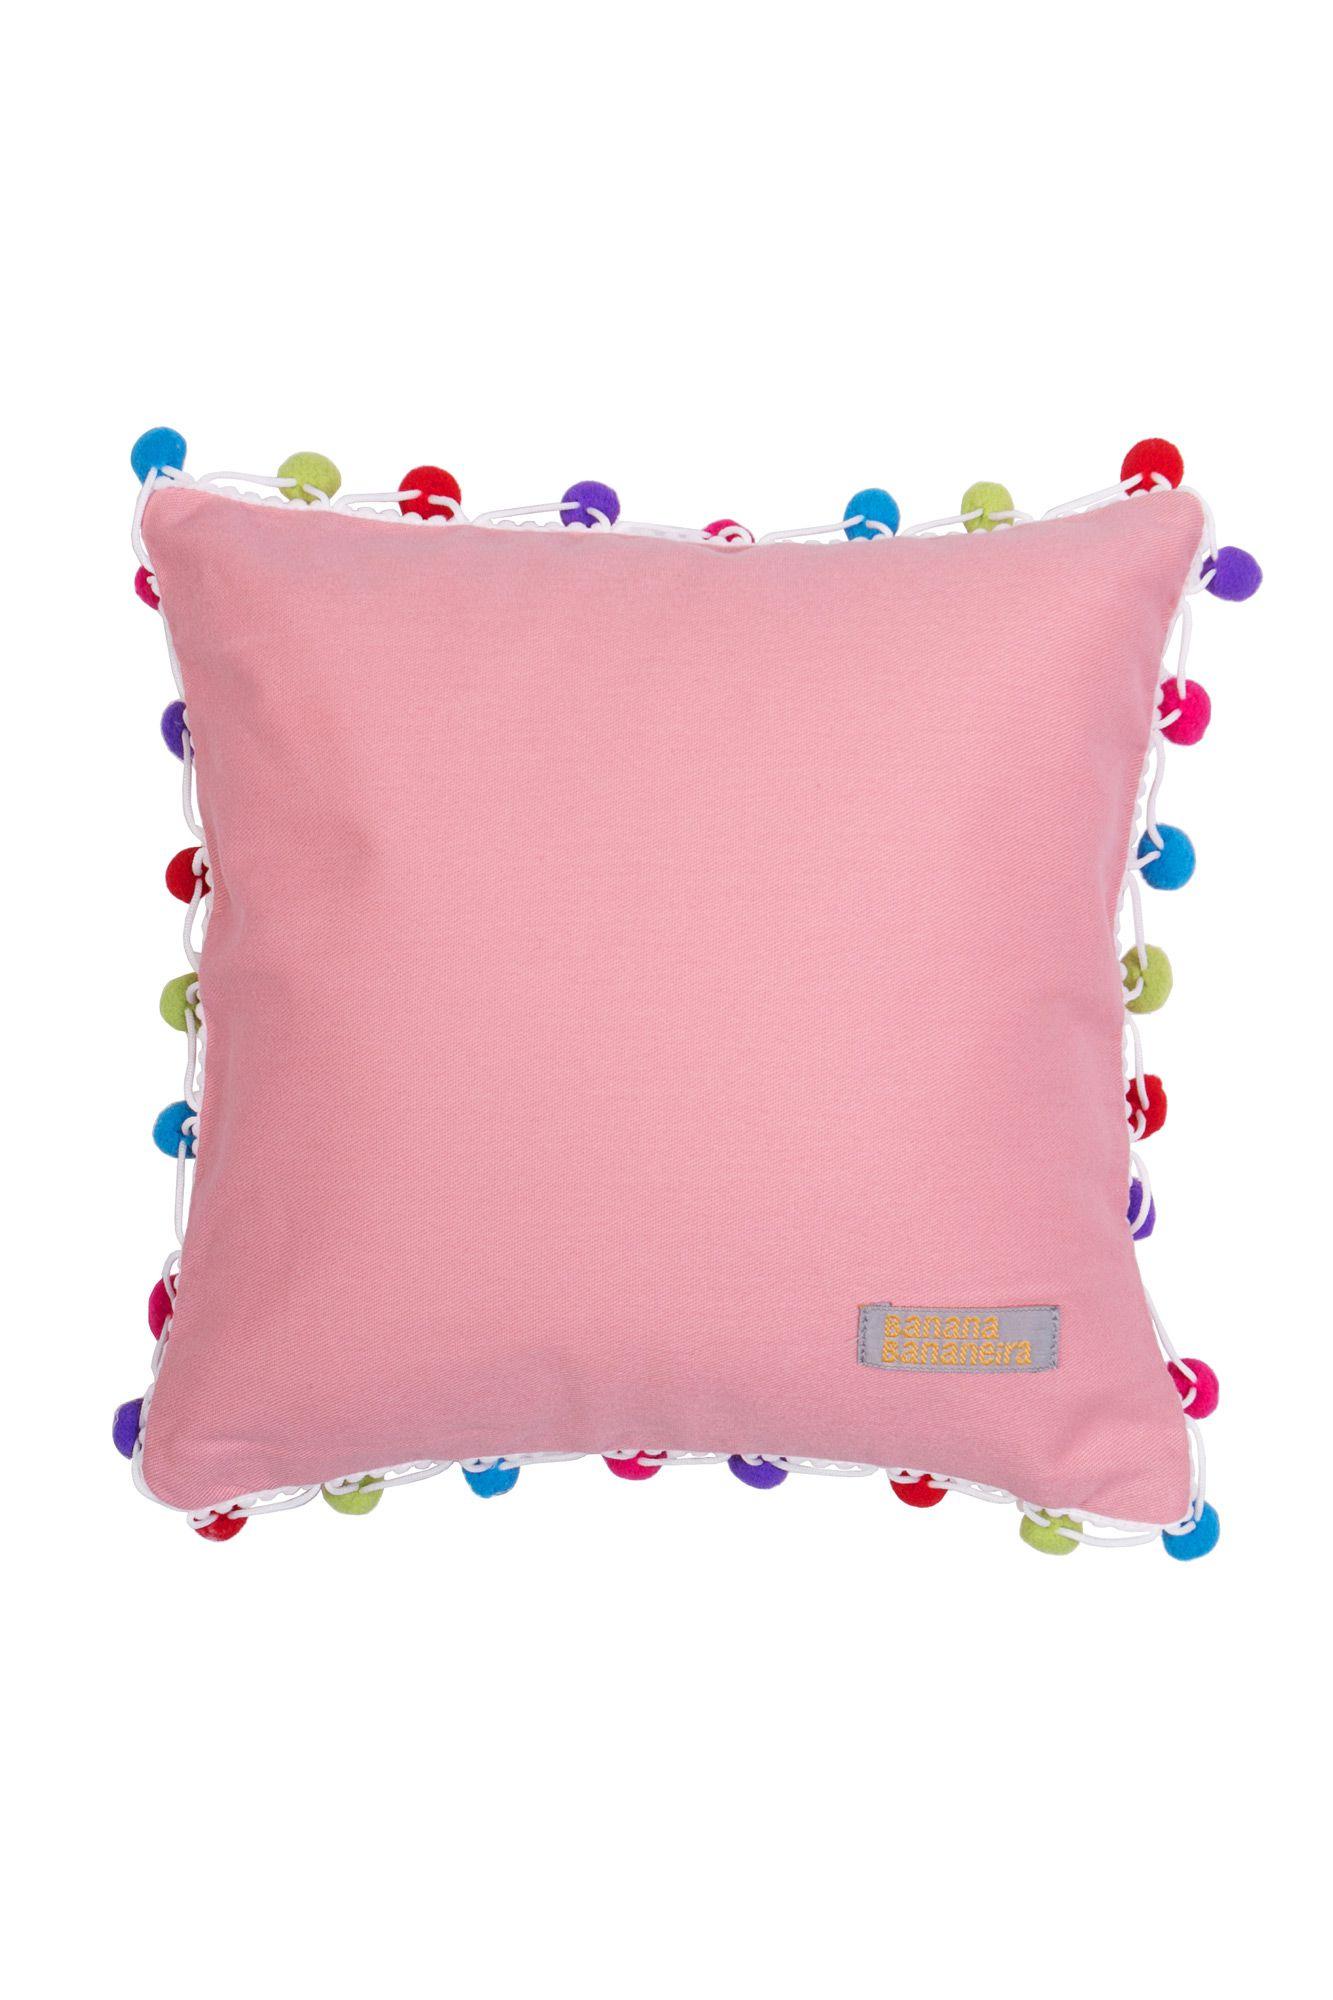 Almofada pompom 25 cm x 25 cm rosa